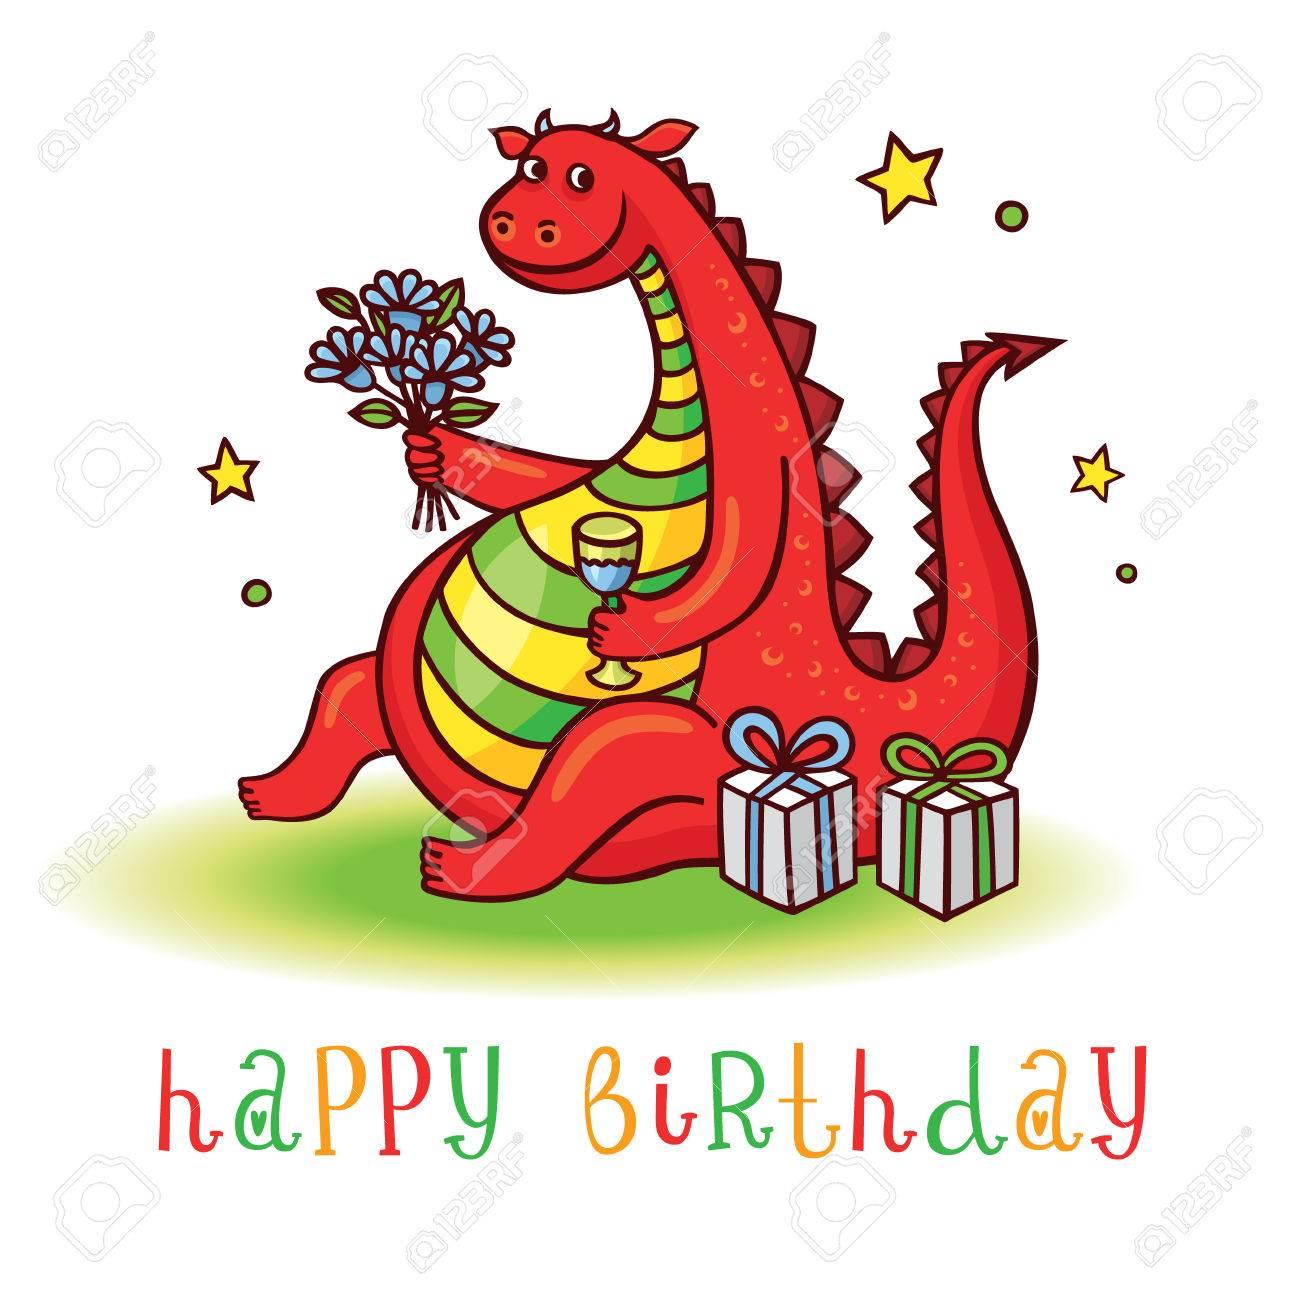 誕生日パーティーで面白いドラゴンと遊び心のあるカードお誕生日